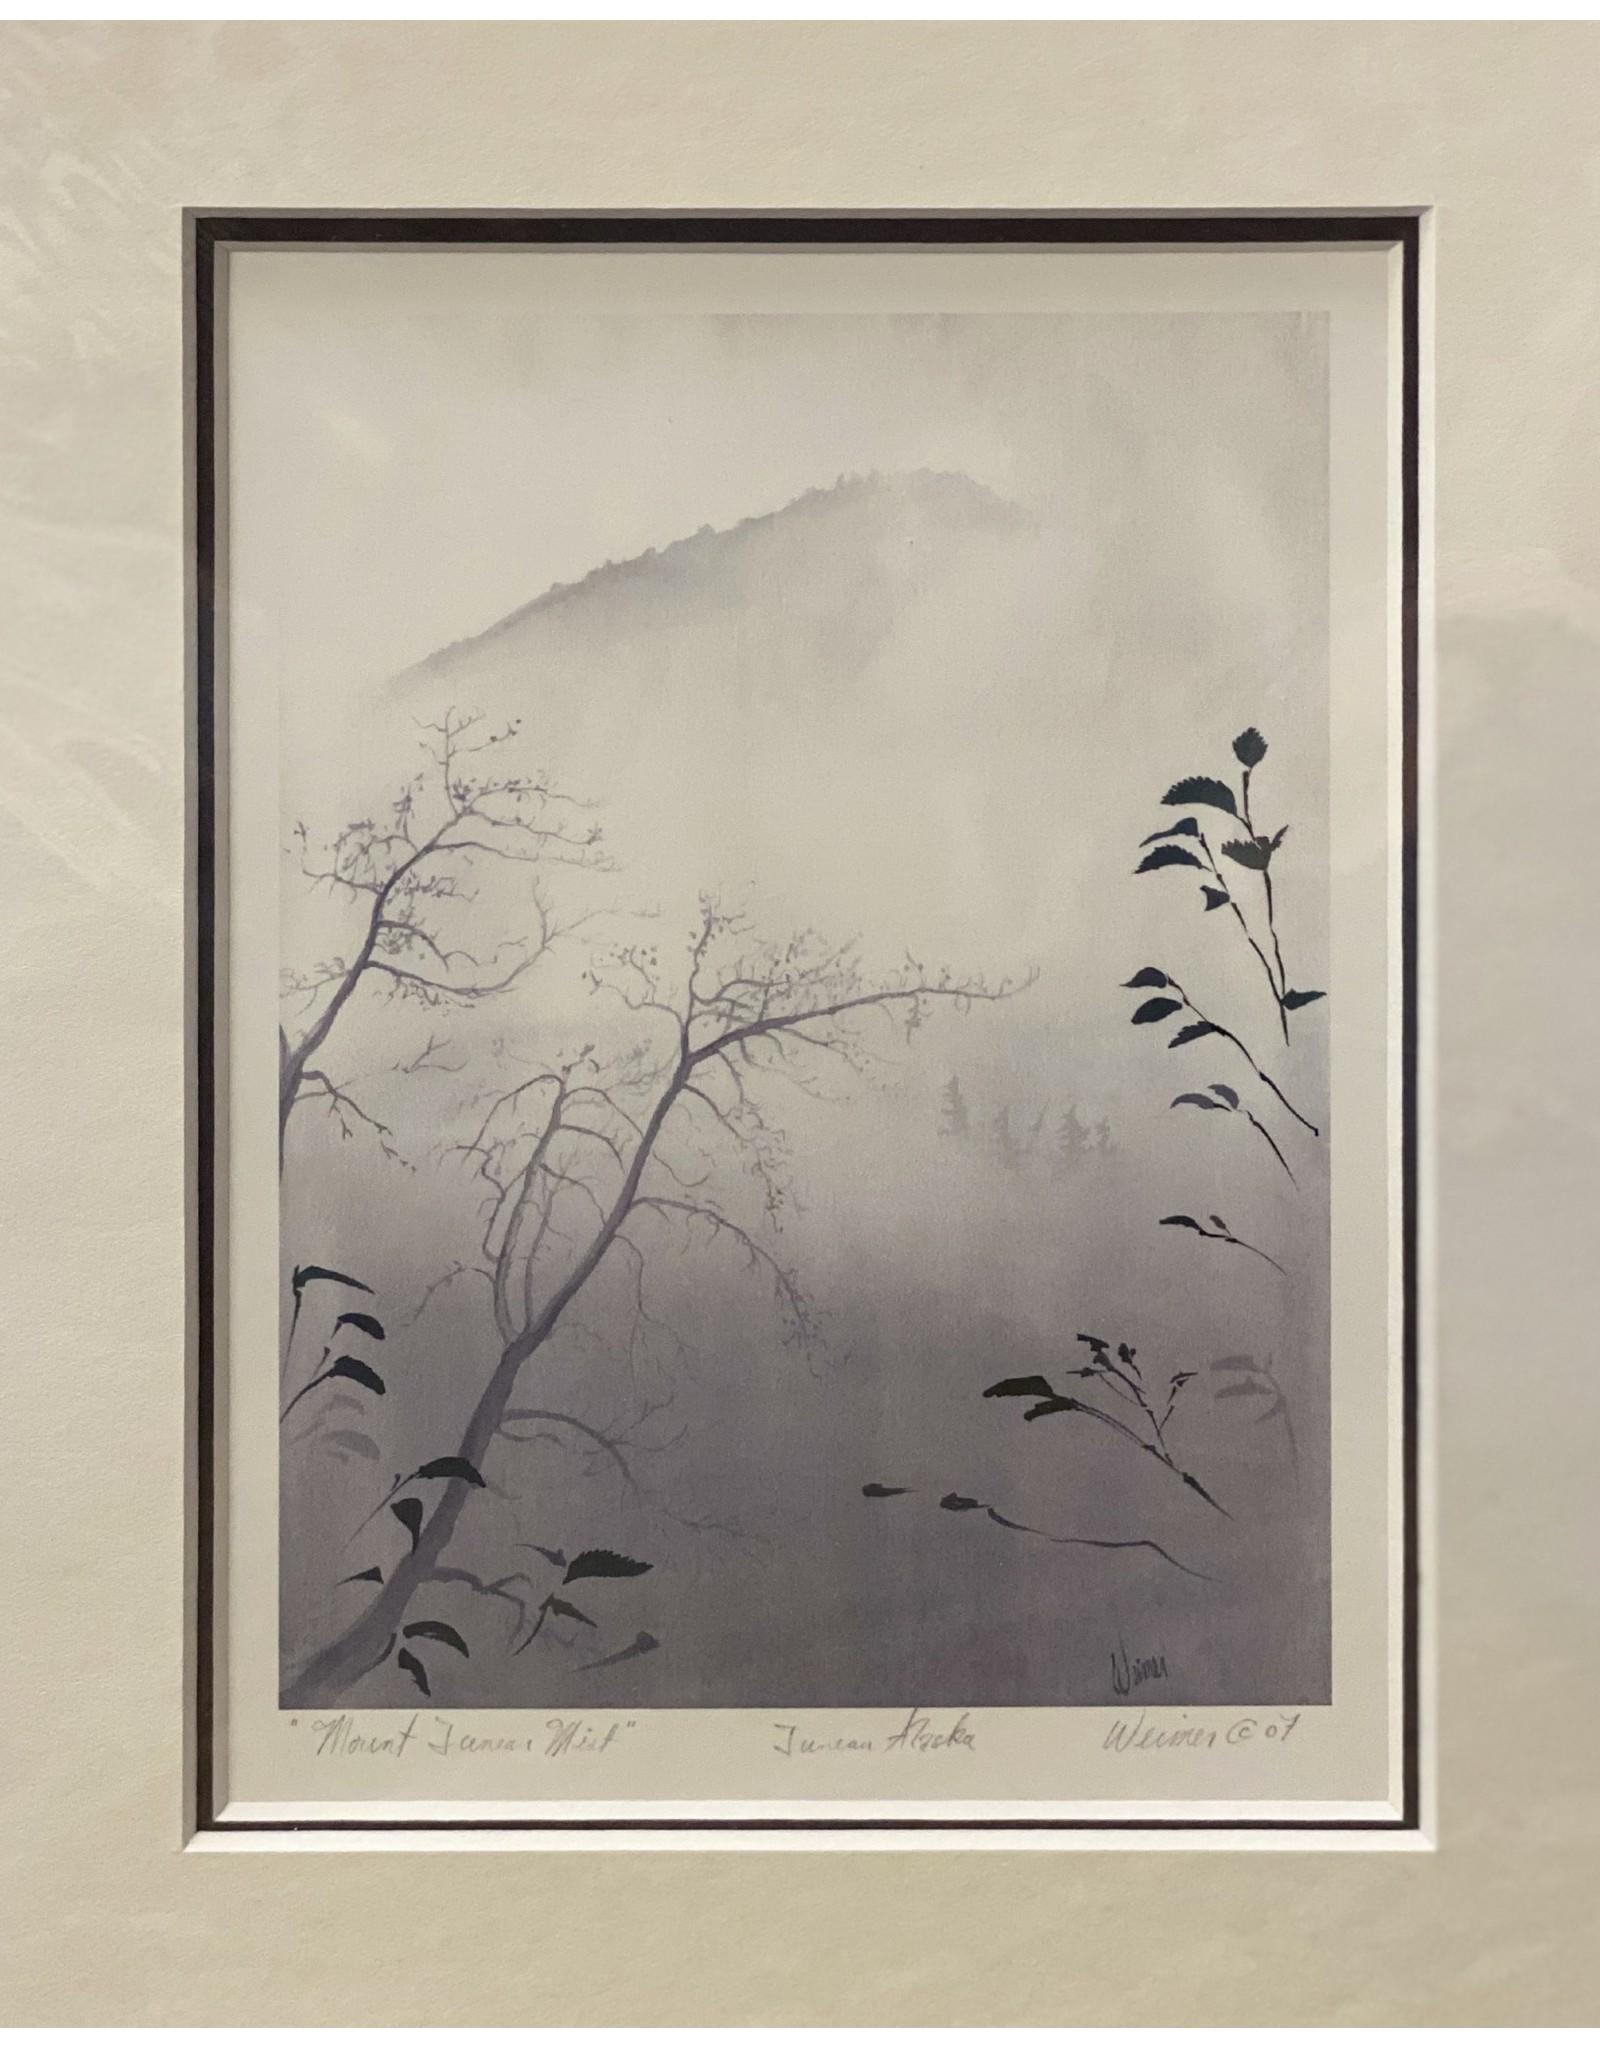 Arnie Weimer Mount Juneau Mist | Arnie Weimer